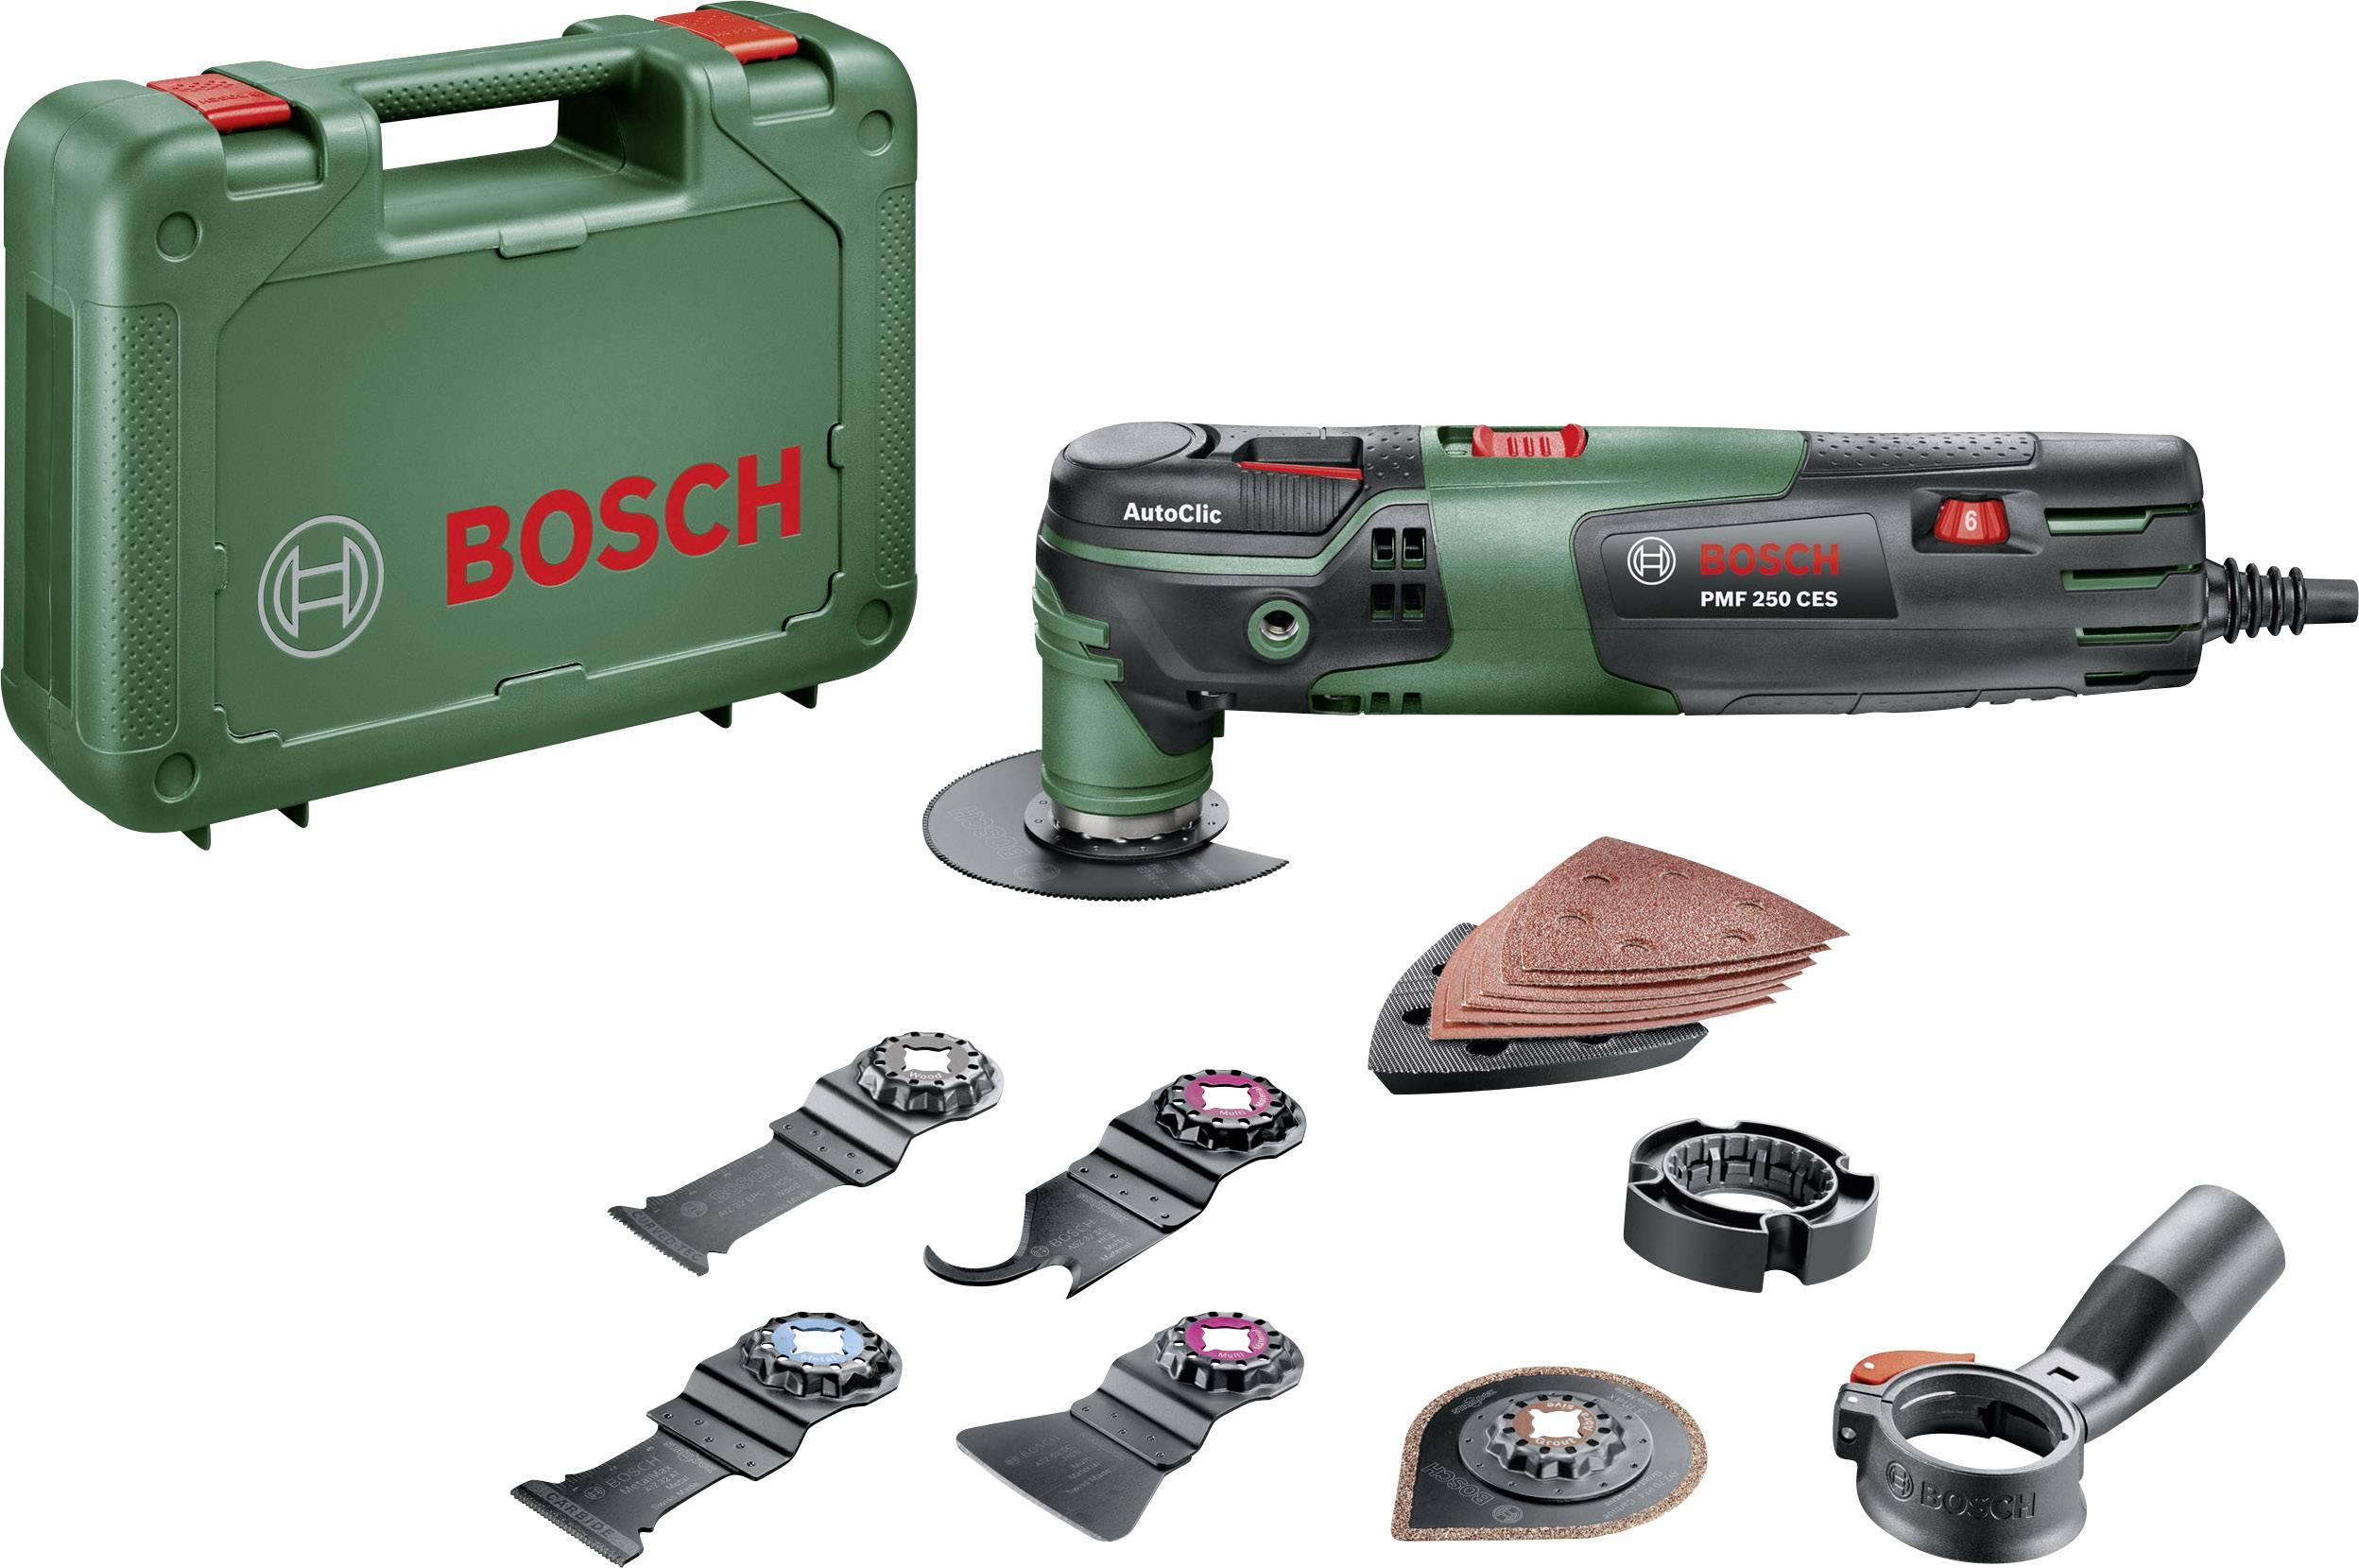 tama/ño S set universal de accesorios Edici/ón en SystemBox Bosch Multiherramienta PMF 250 CES 250/W